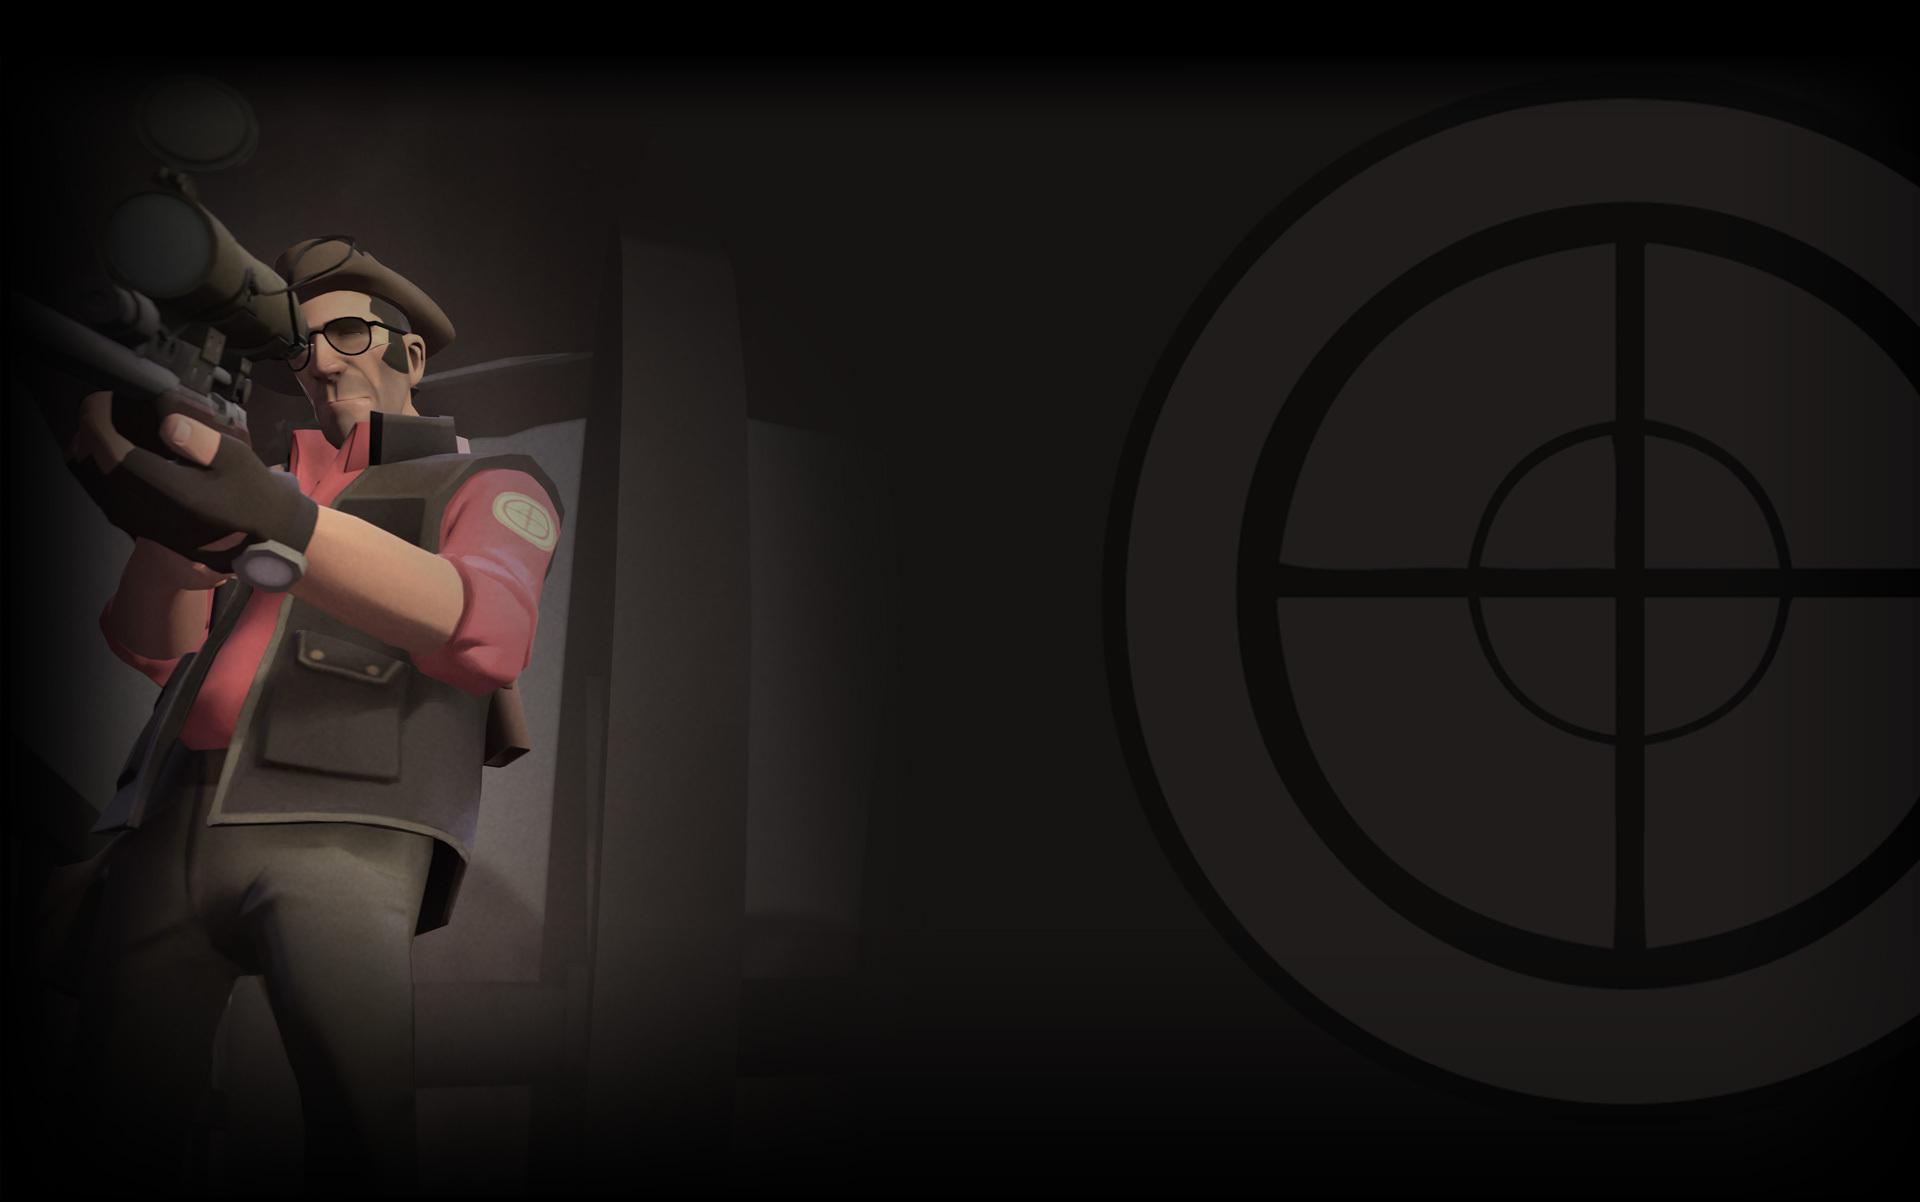 Sniper Profile Background Steam Companion